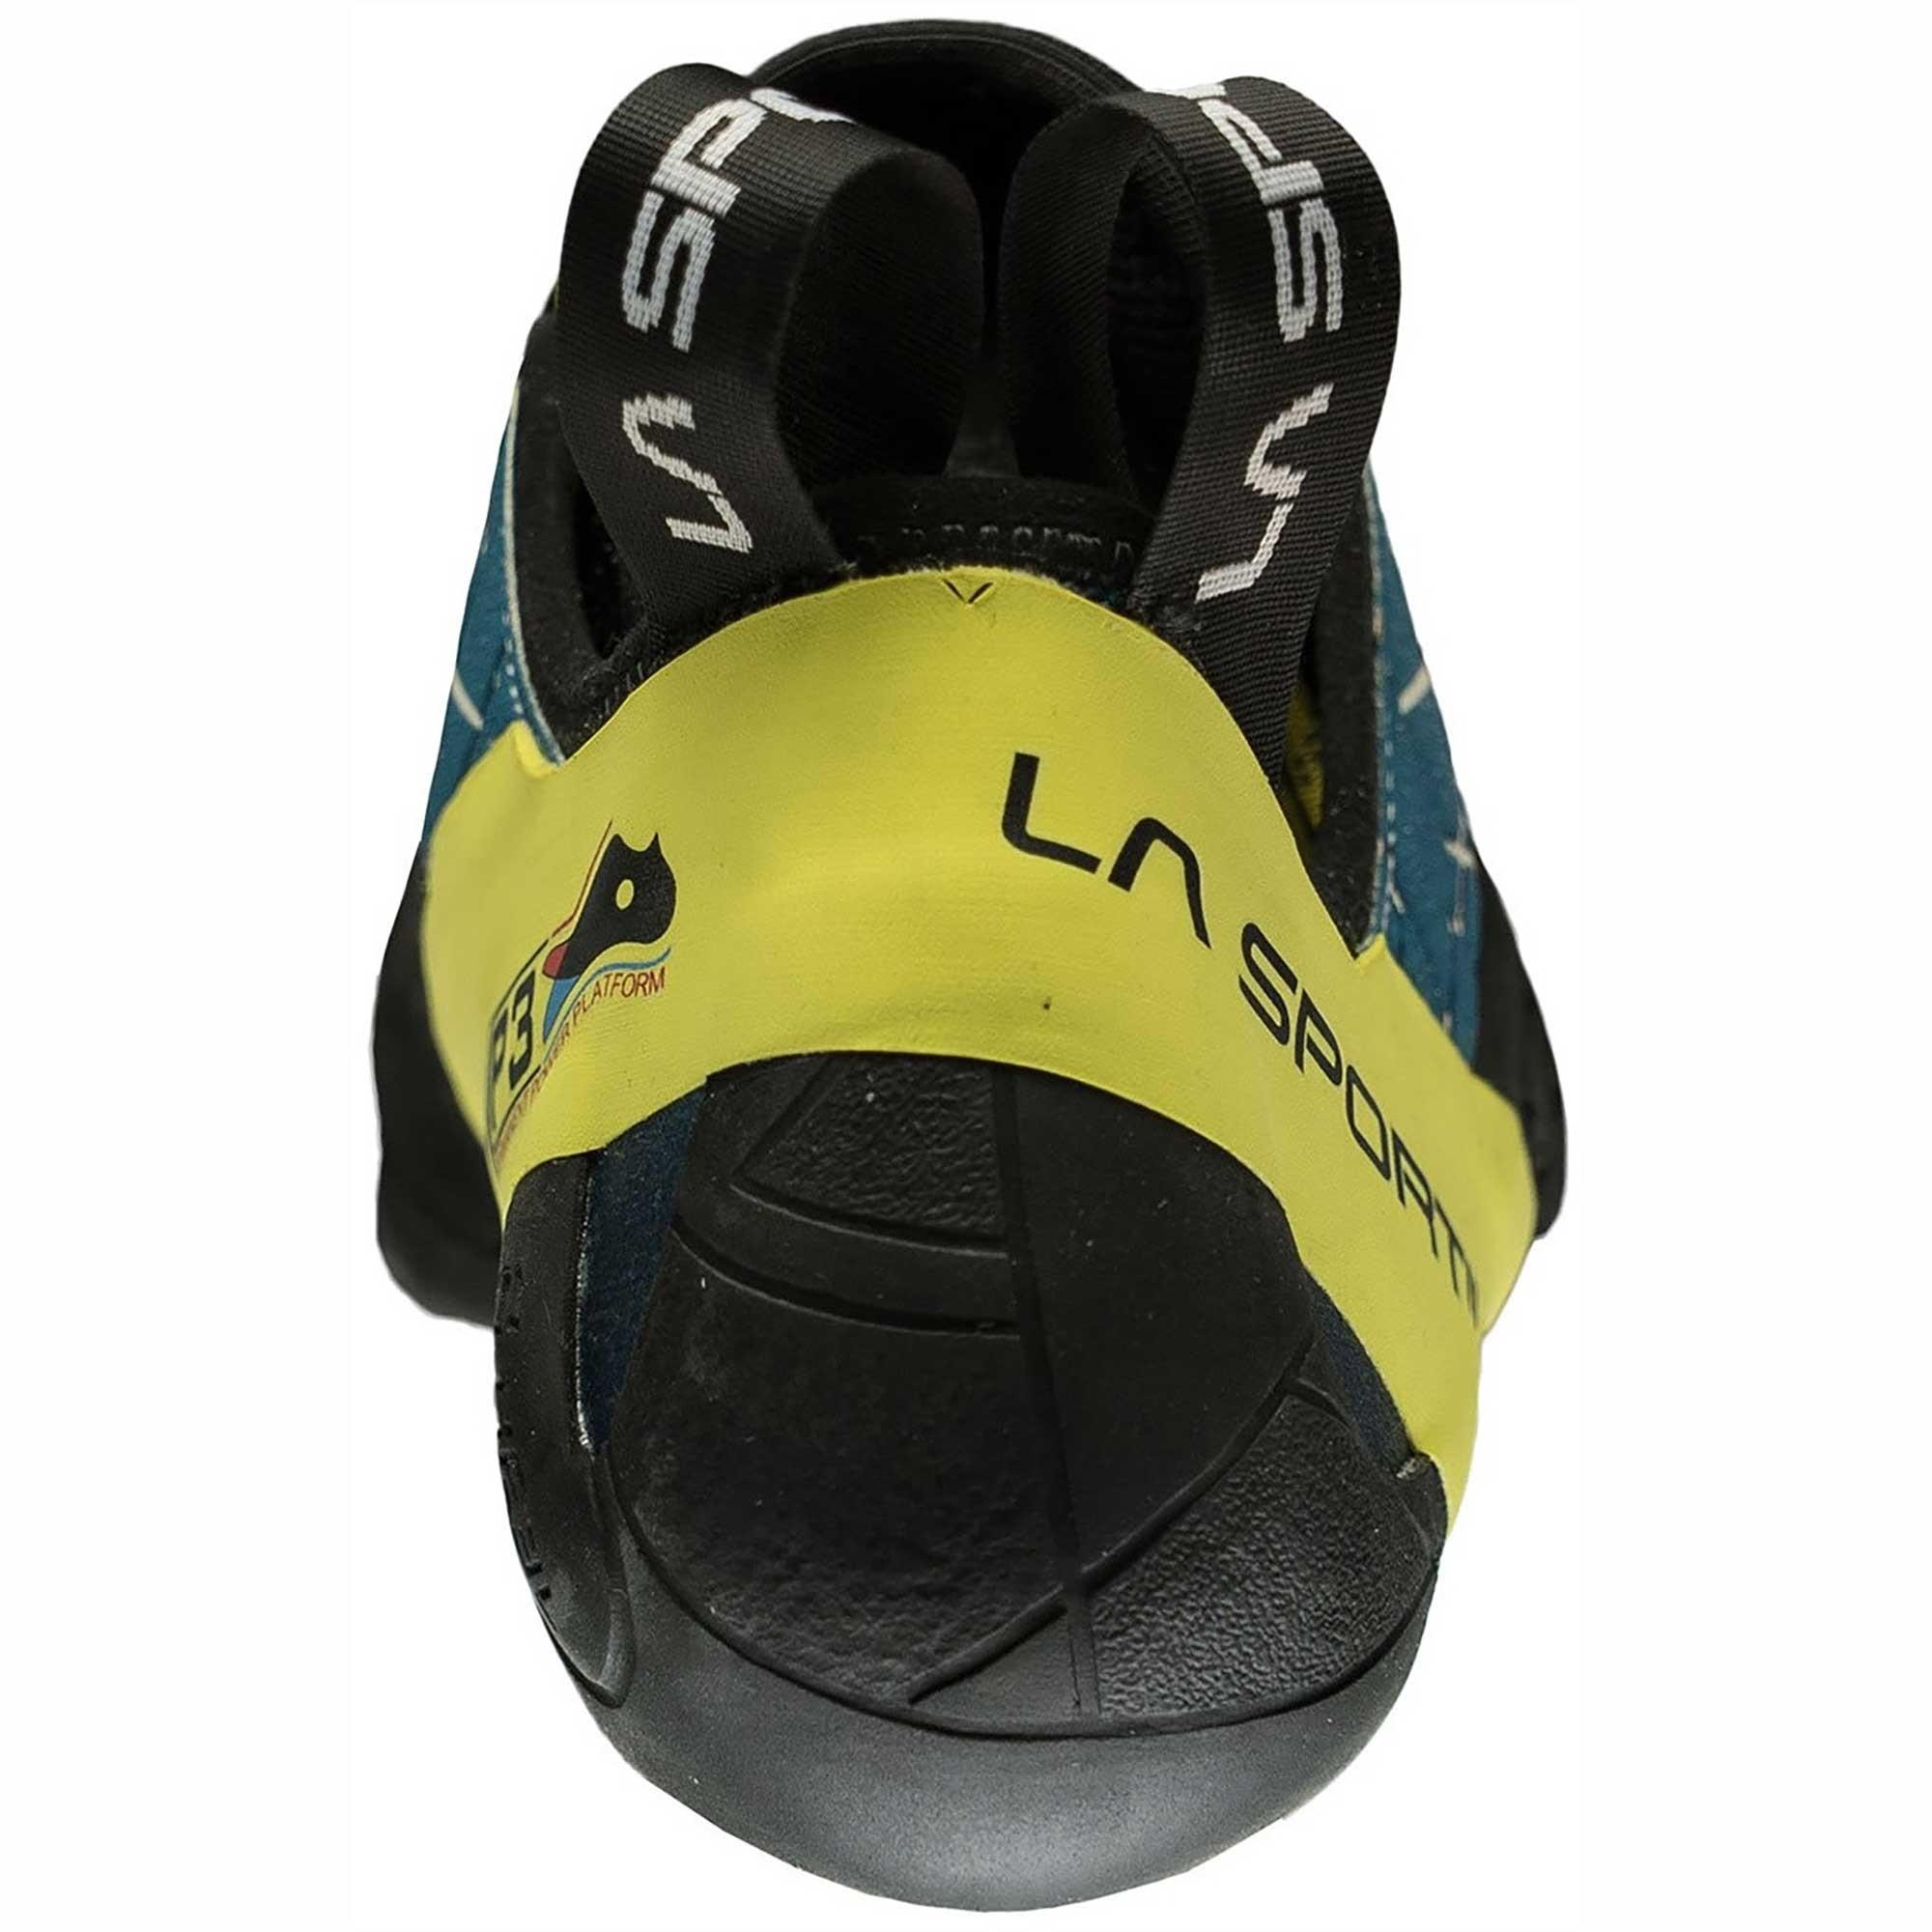 La-Sportiva-Kataki-Rock-Climbing-Shoe-3-S18